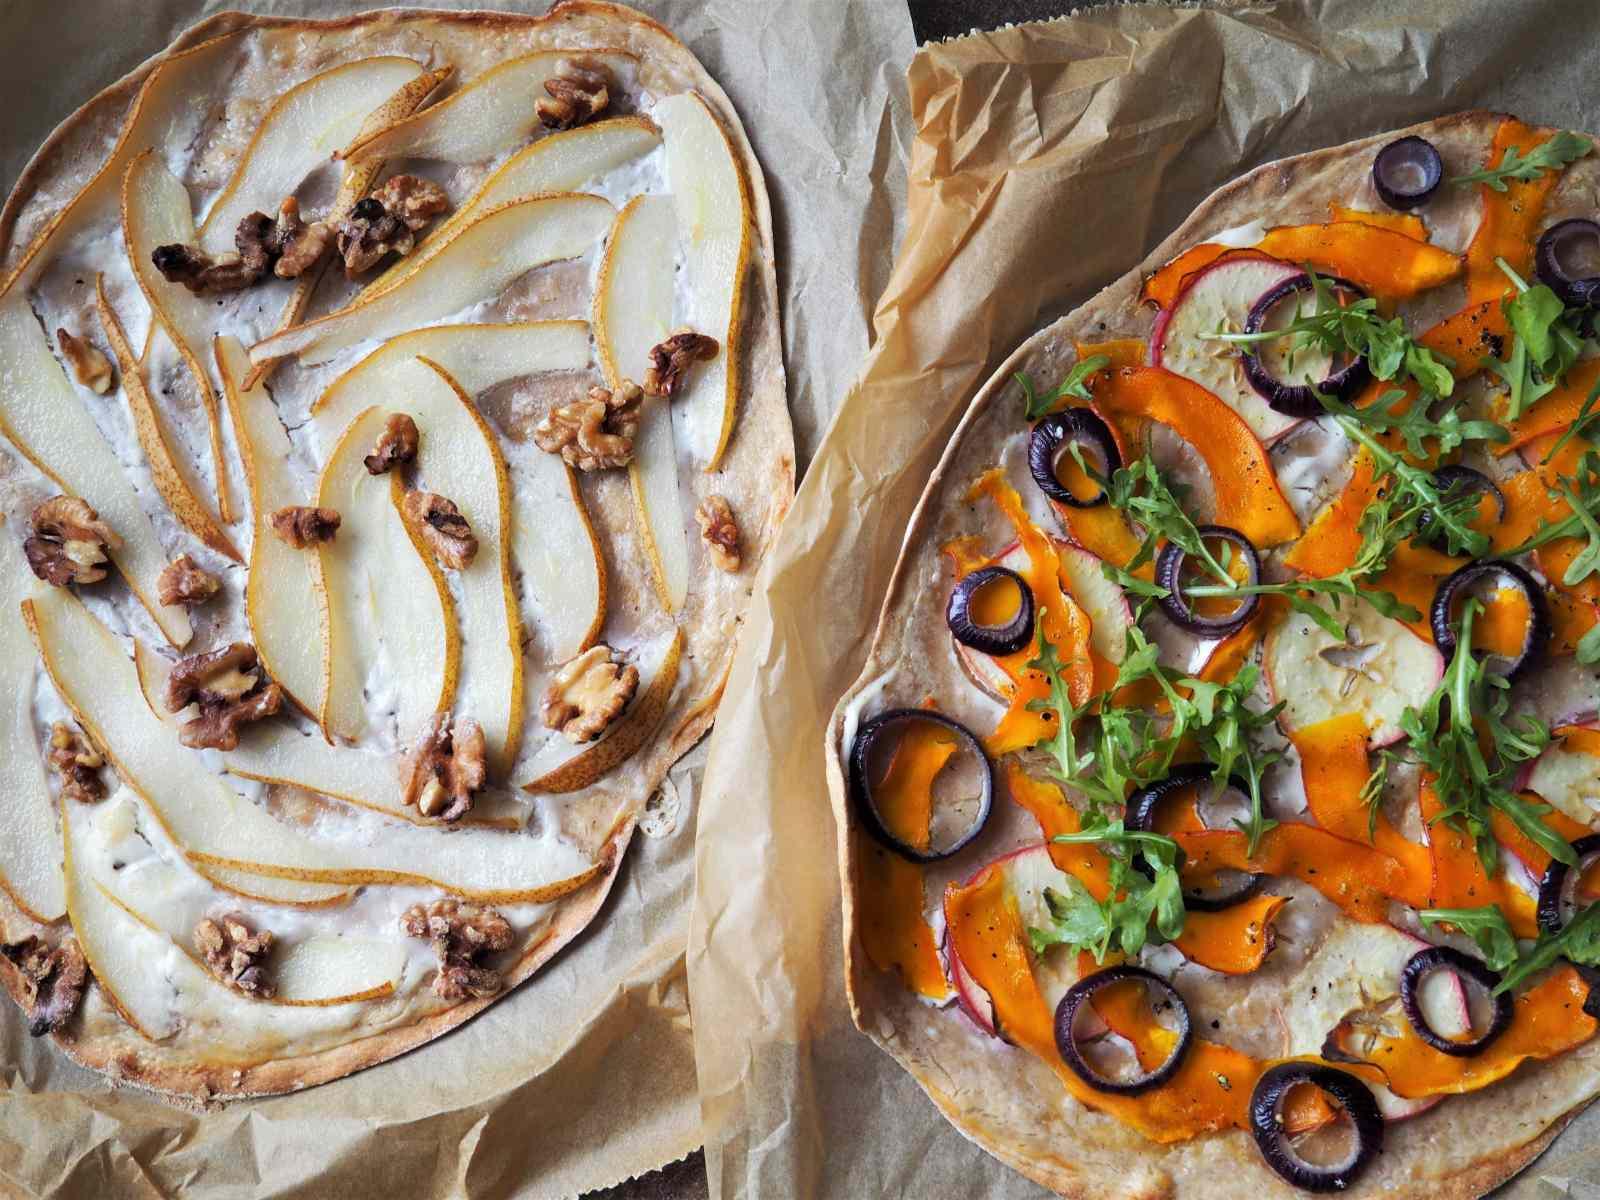 Zweierlei veganer Flammkuchen Birne und Kürbis noch nicht angeschnitten